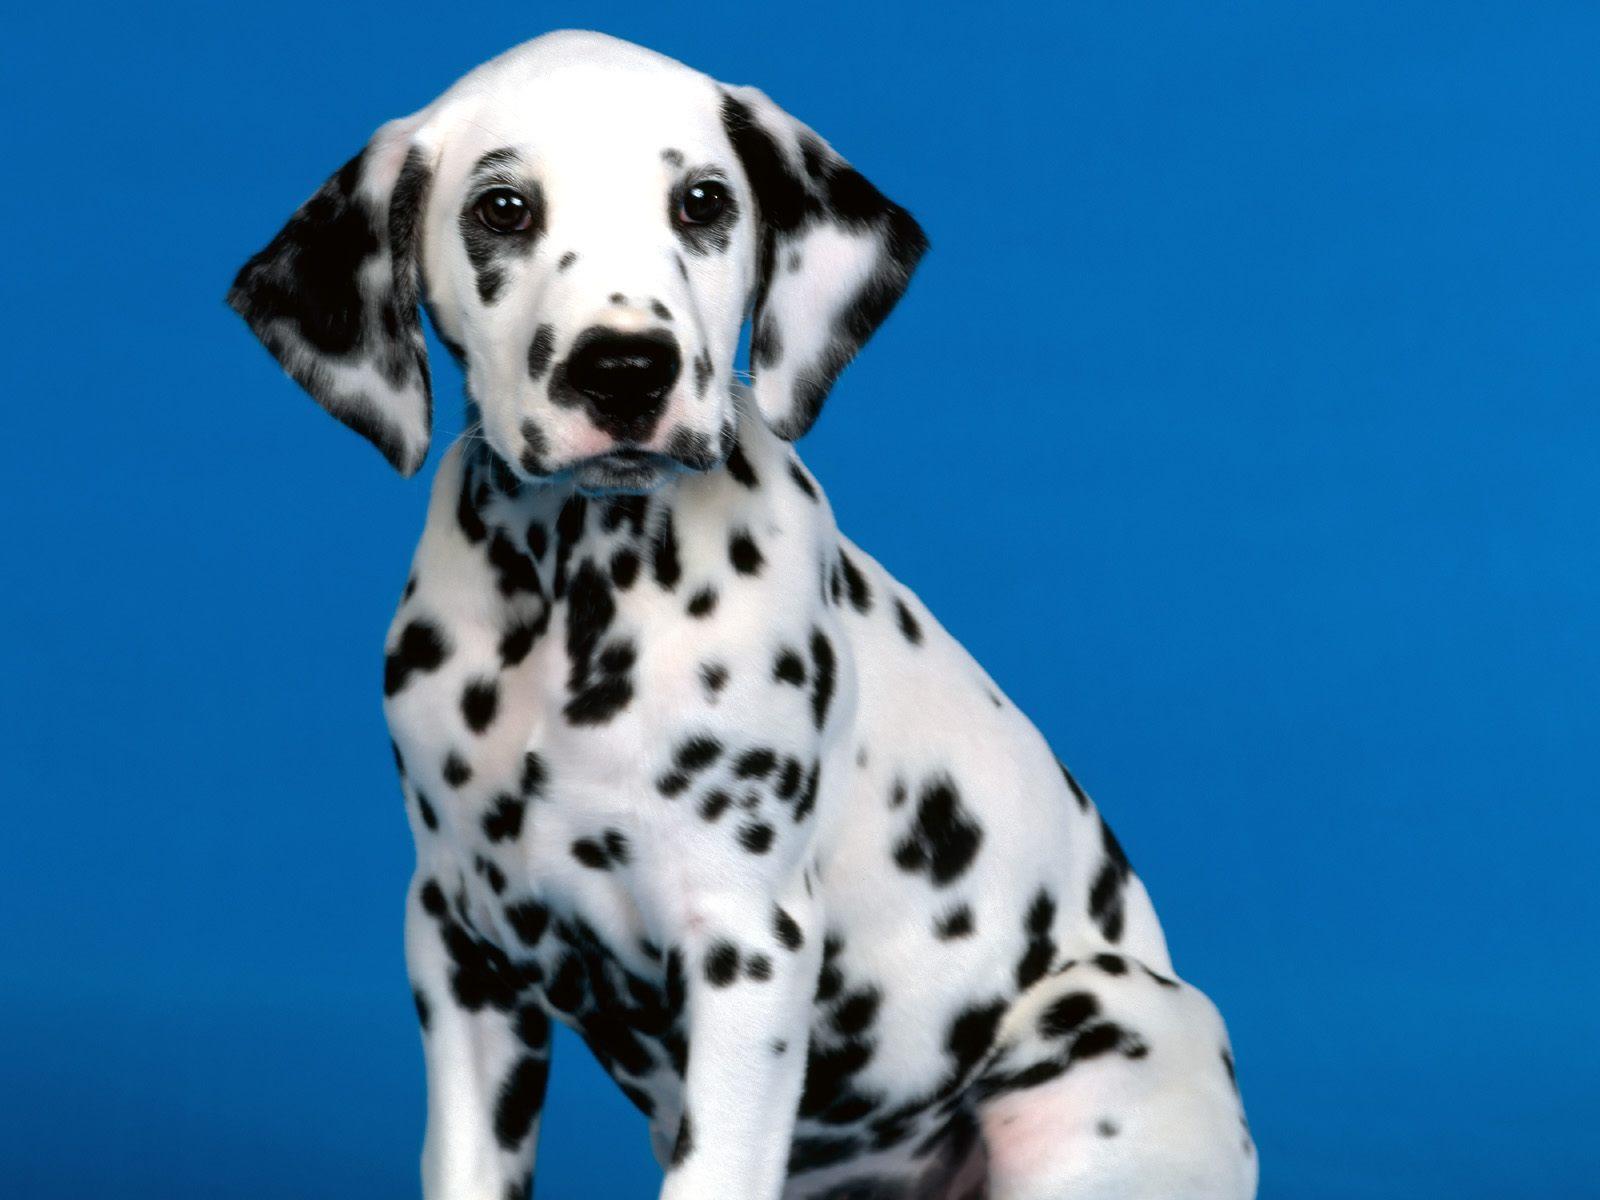 Cute Dogs Wallpaper 2880x1800 58317